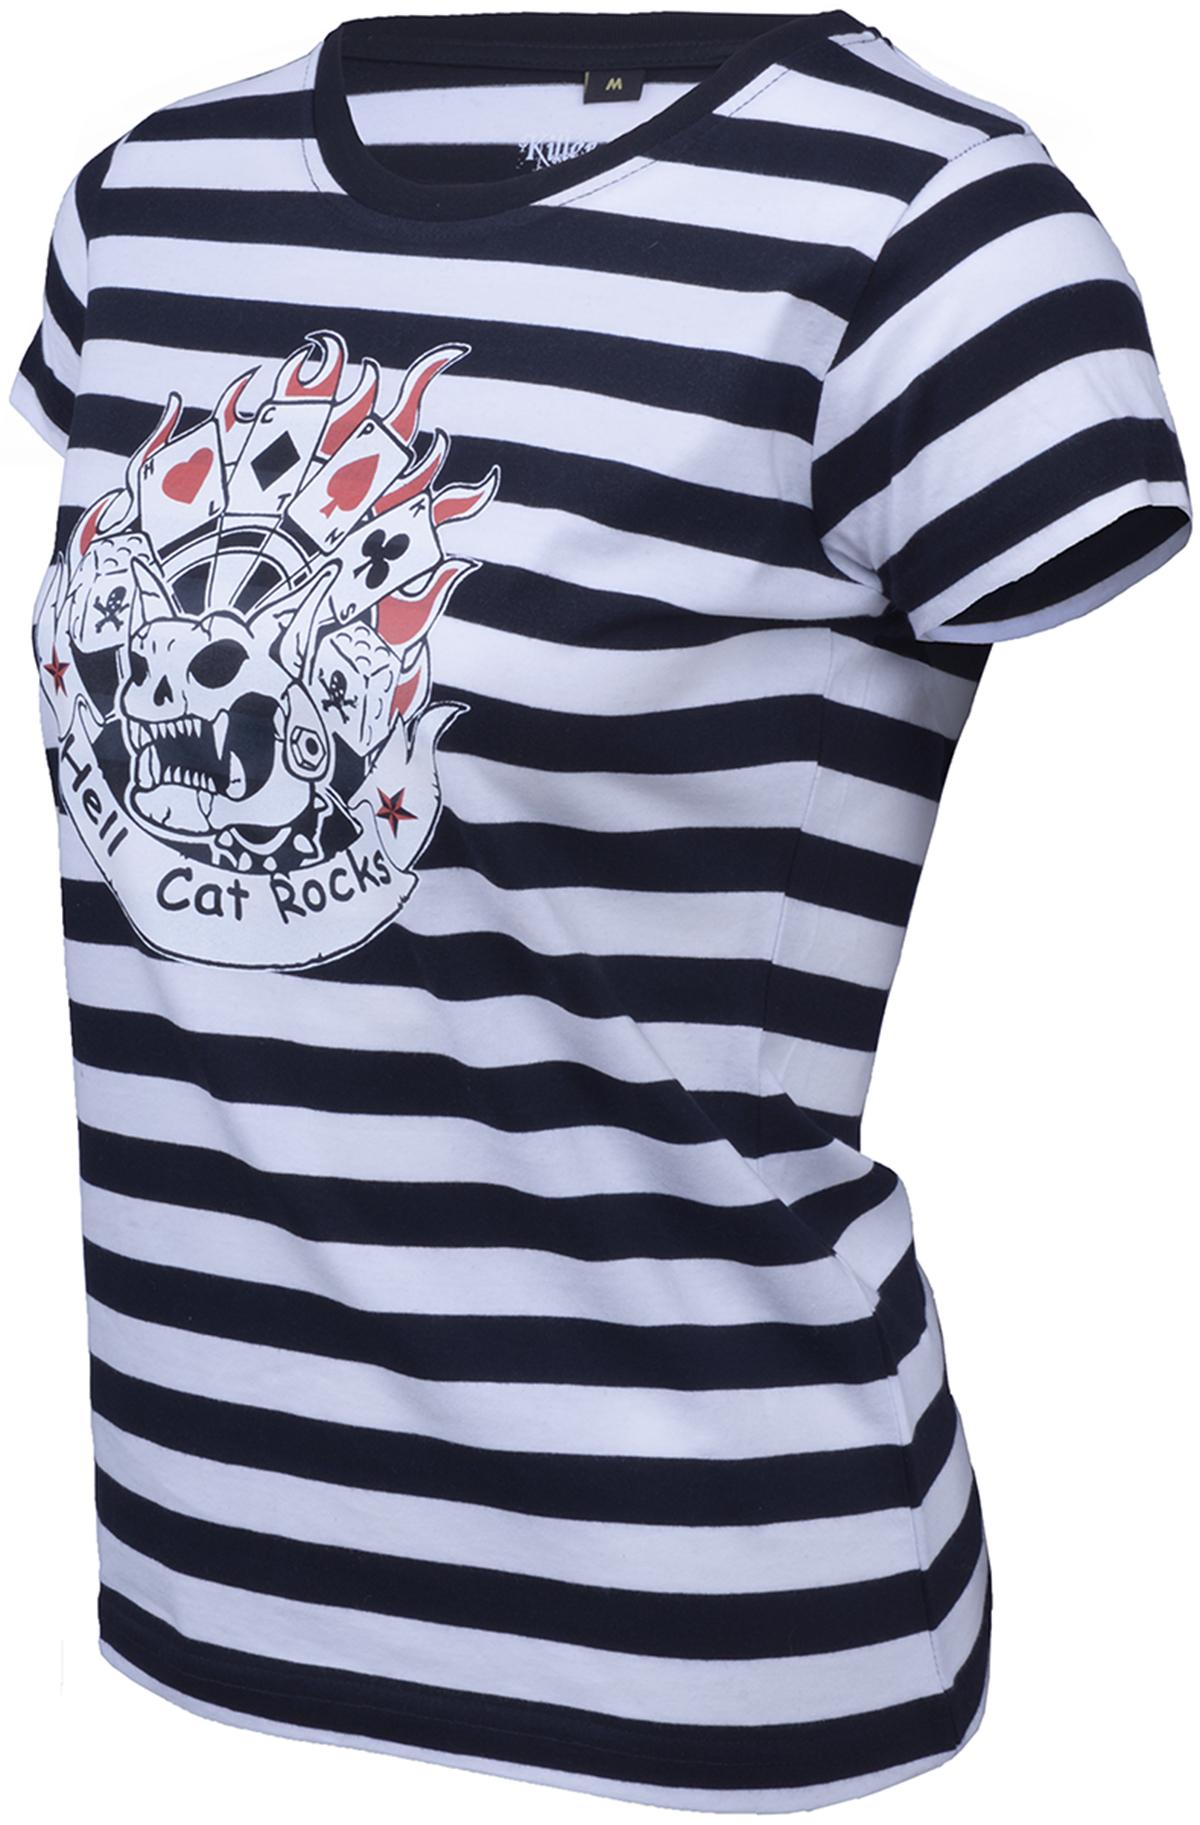 Killer Kirsche Striped gestreift HELL CAT ROCKS Motiv Shirt Rockabilly